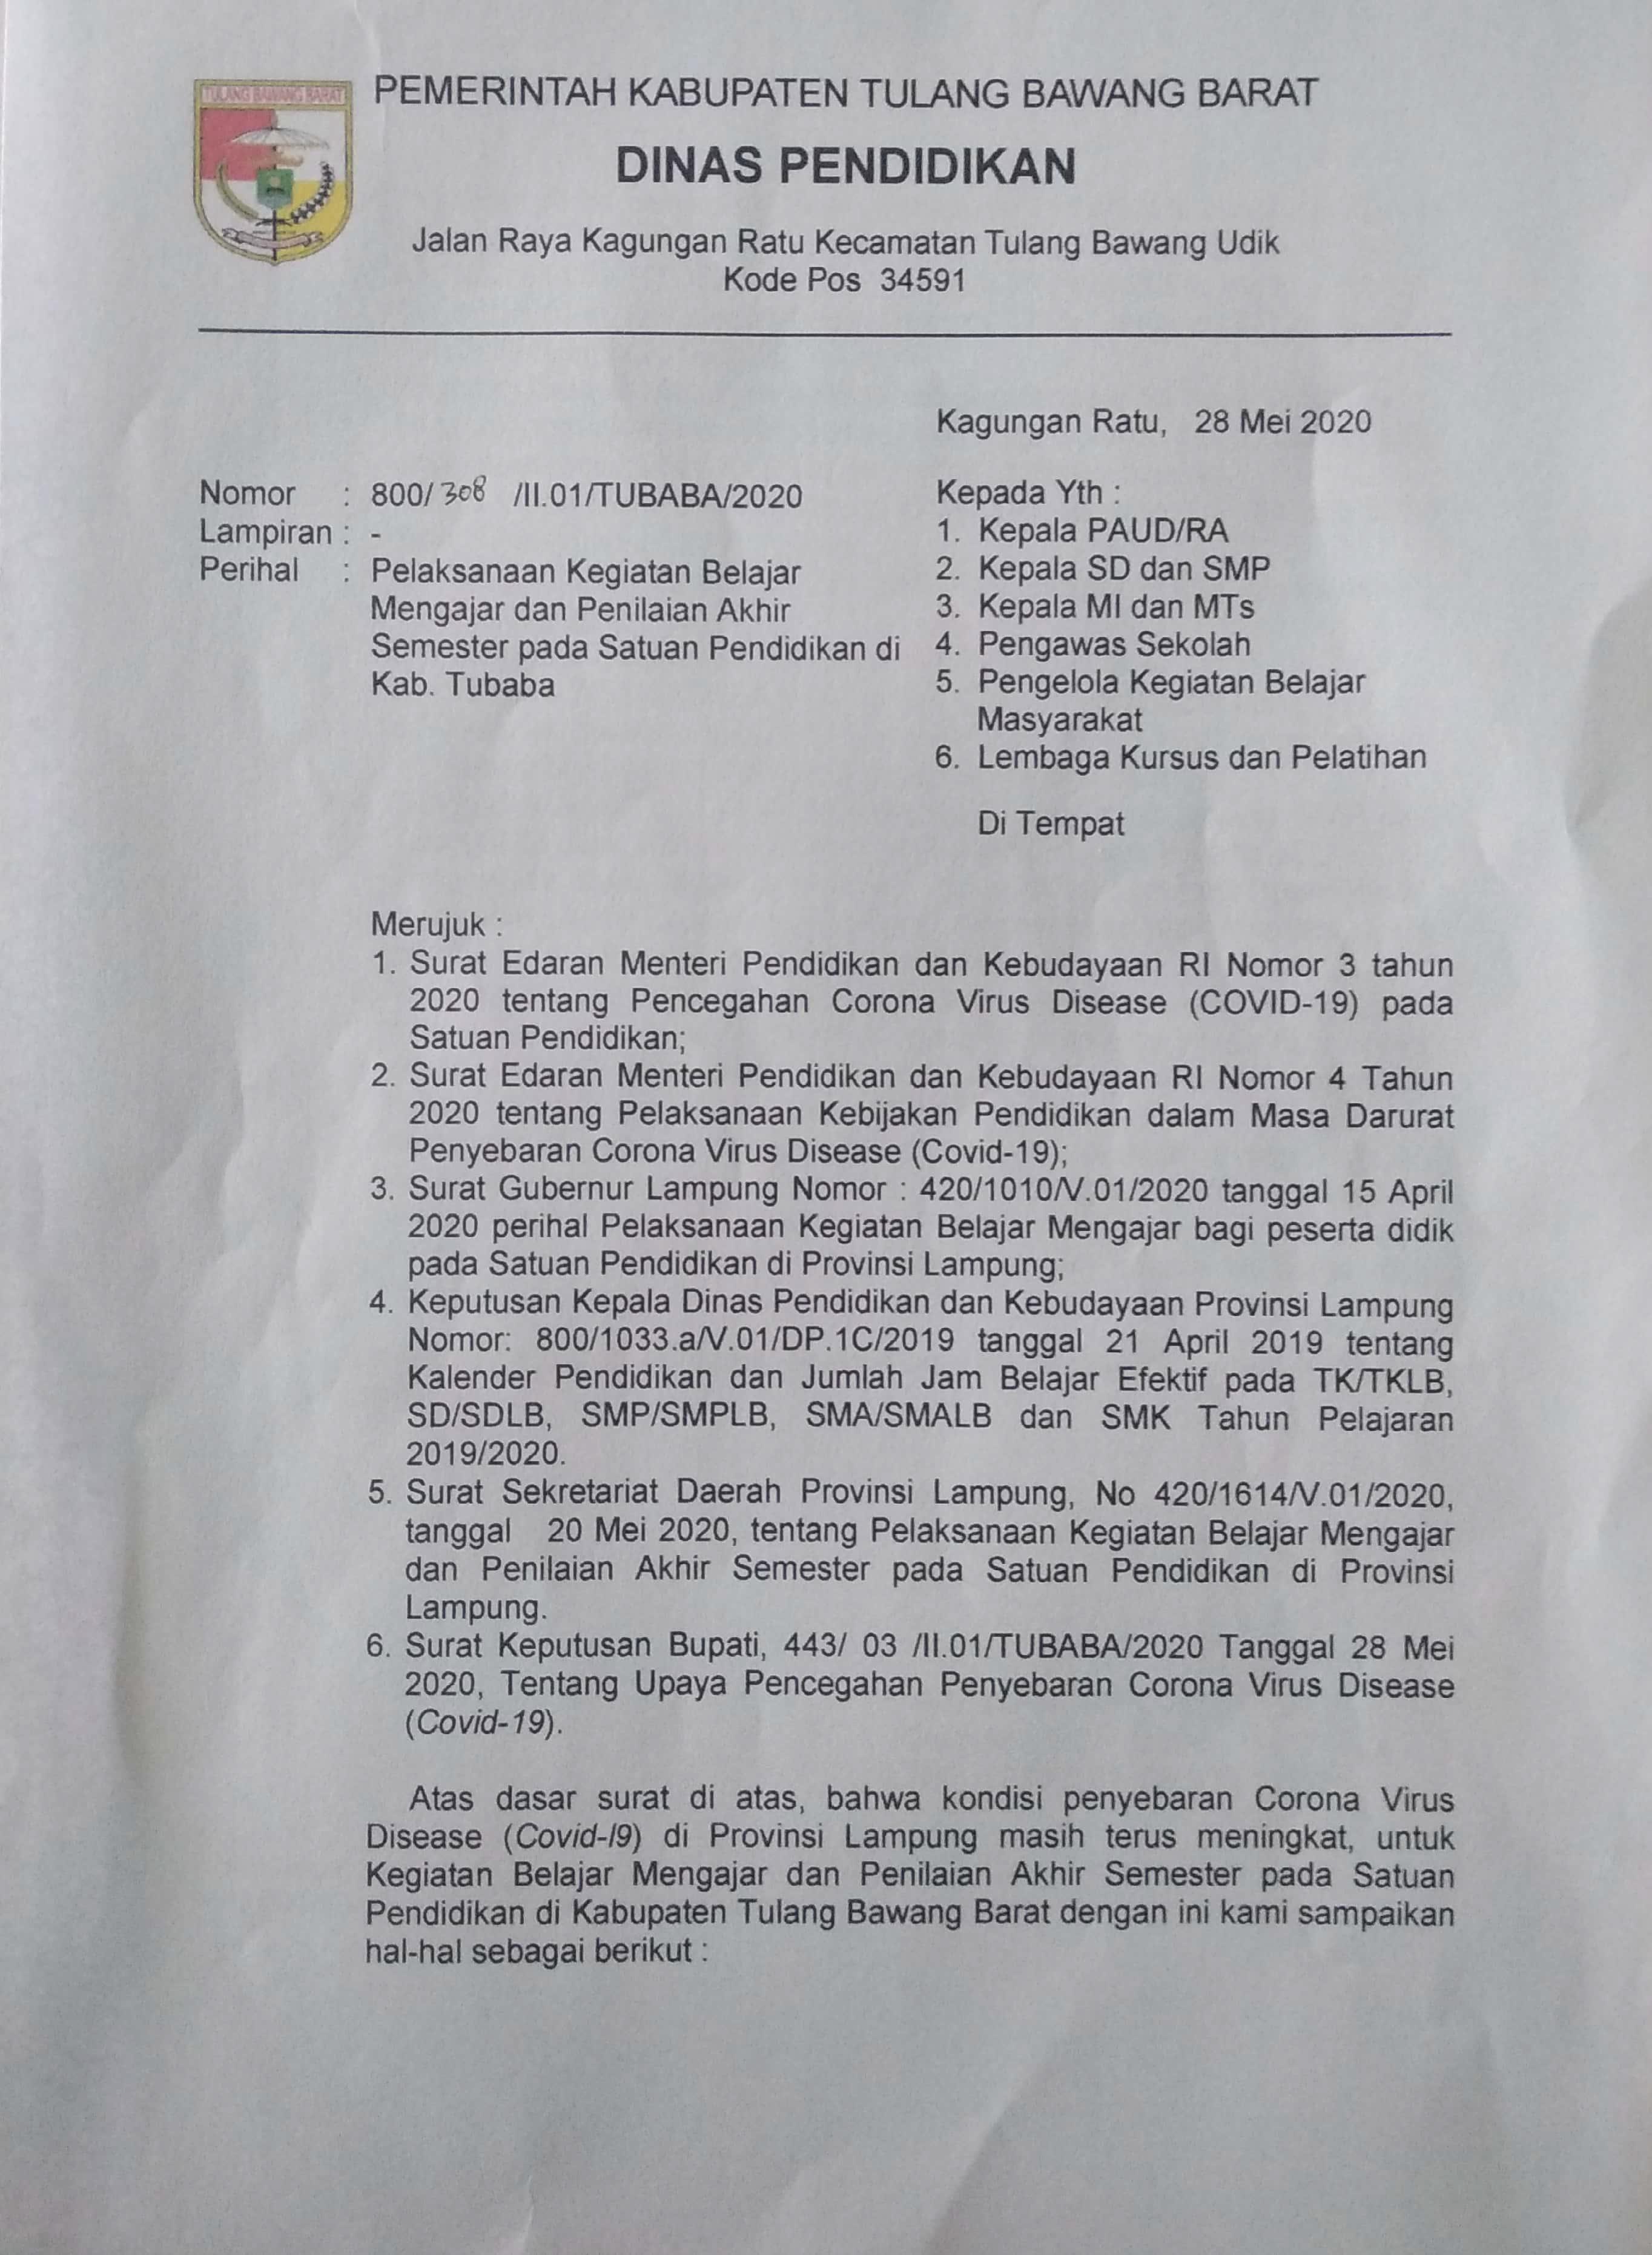 Surat Edaran Kbm Penilaian Akhir Semester Kabupaten Tulang Bawang Barat Smpn 2 Tulang Bawang Tengah